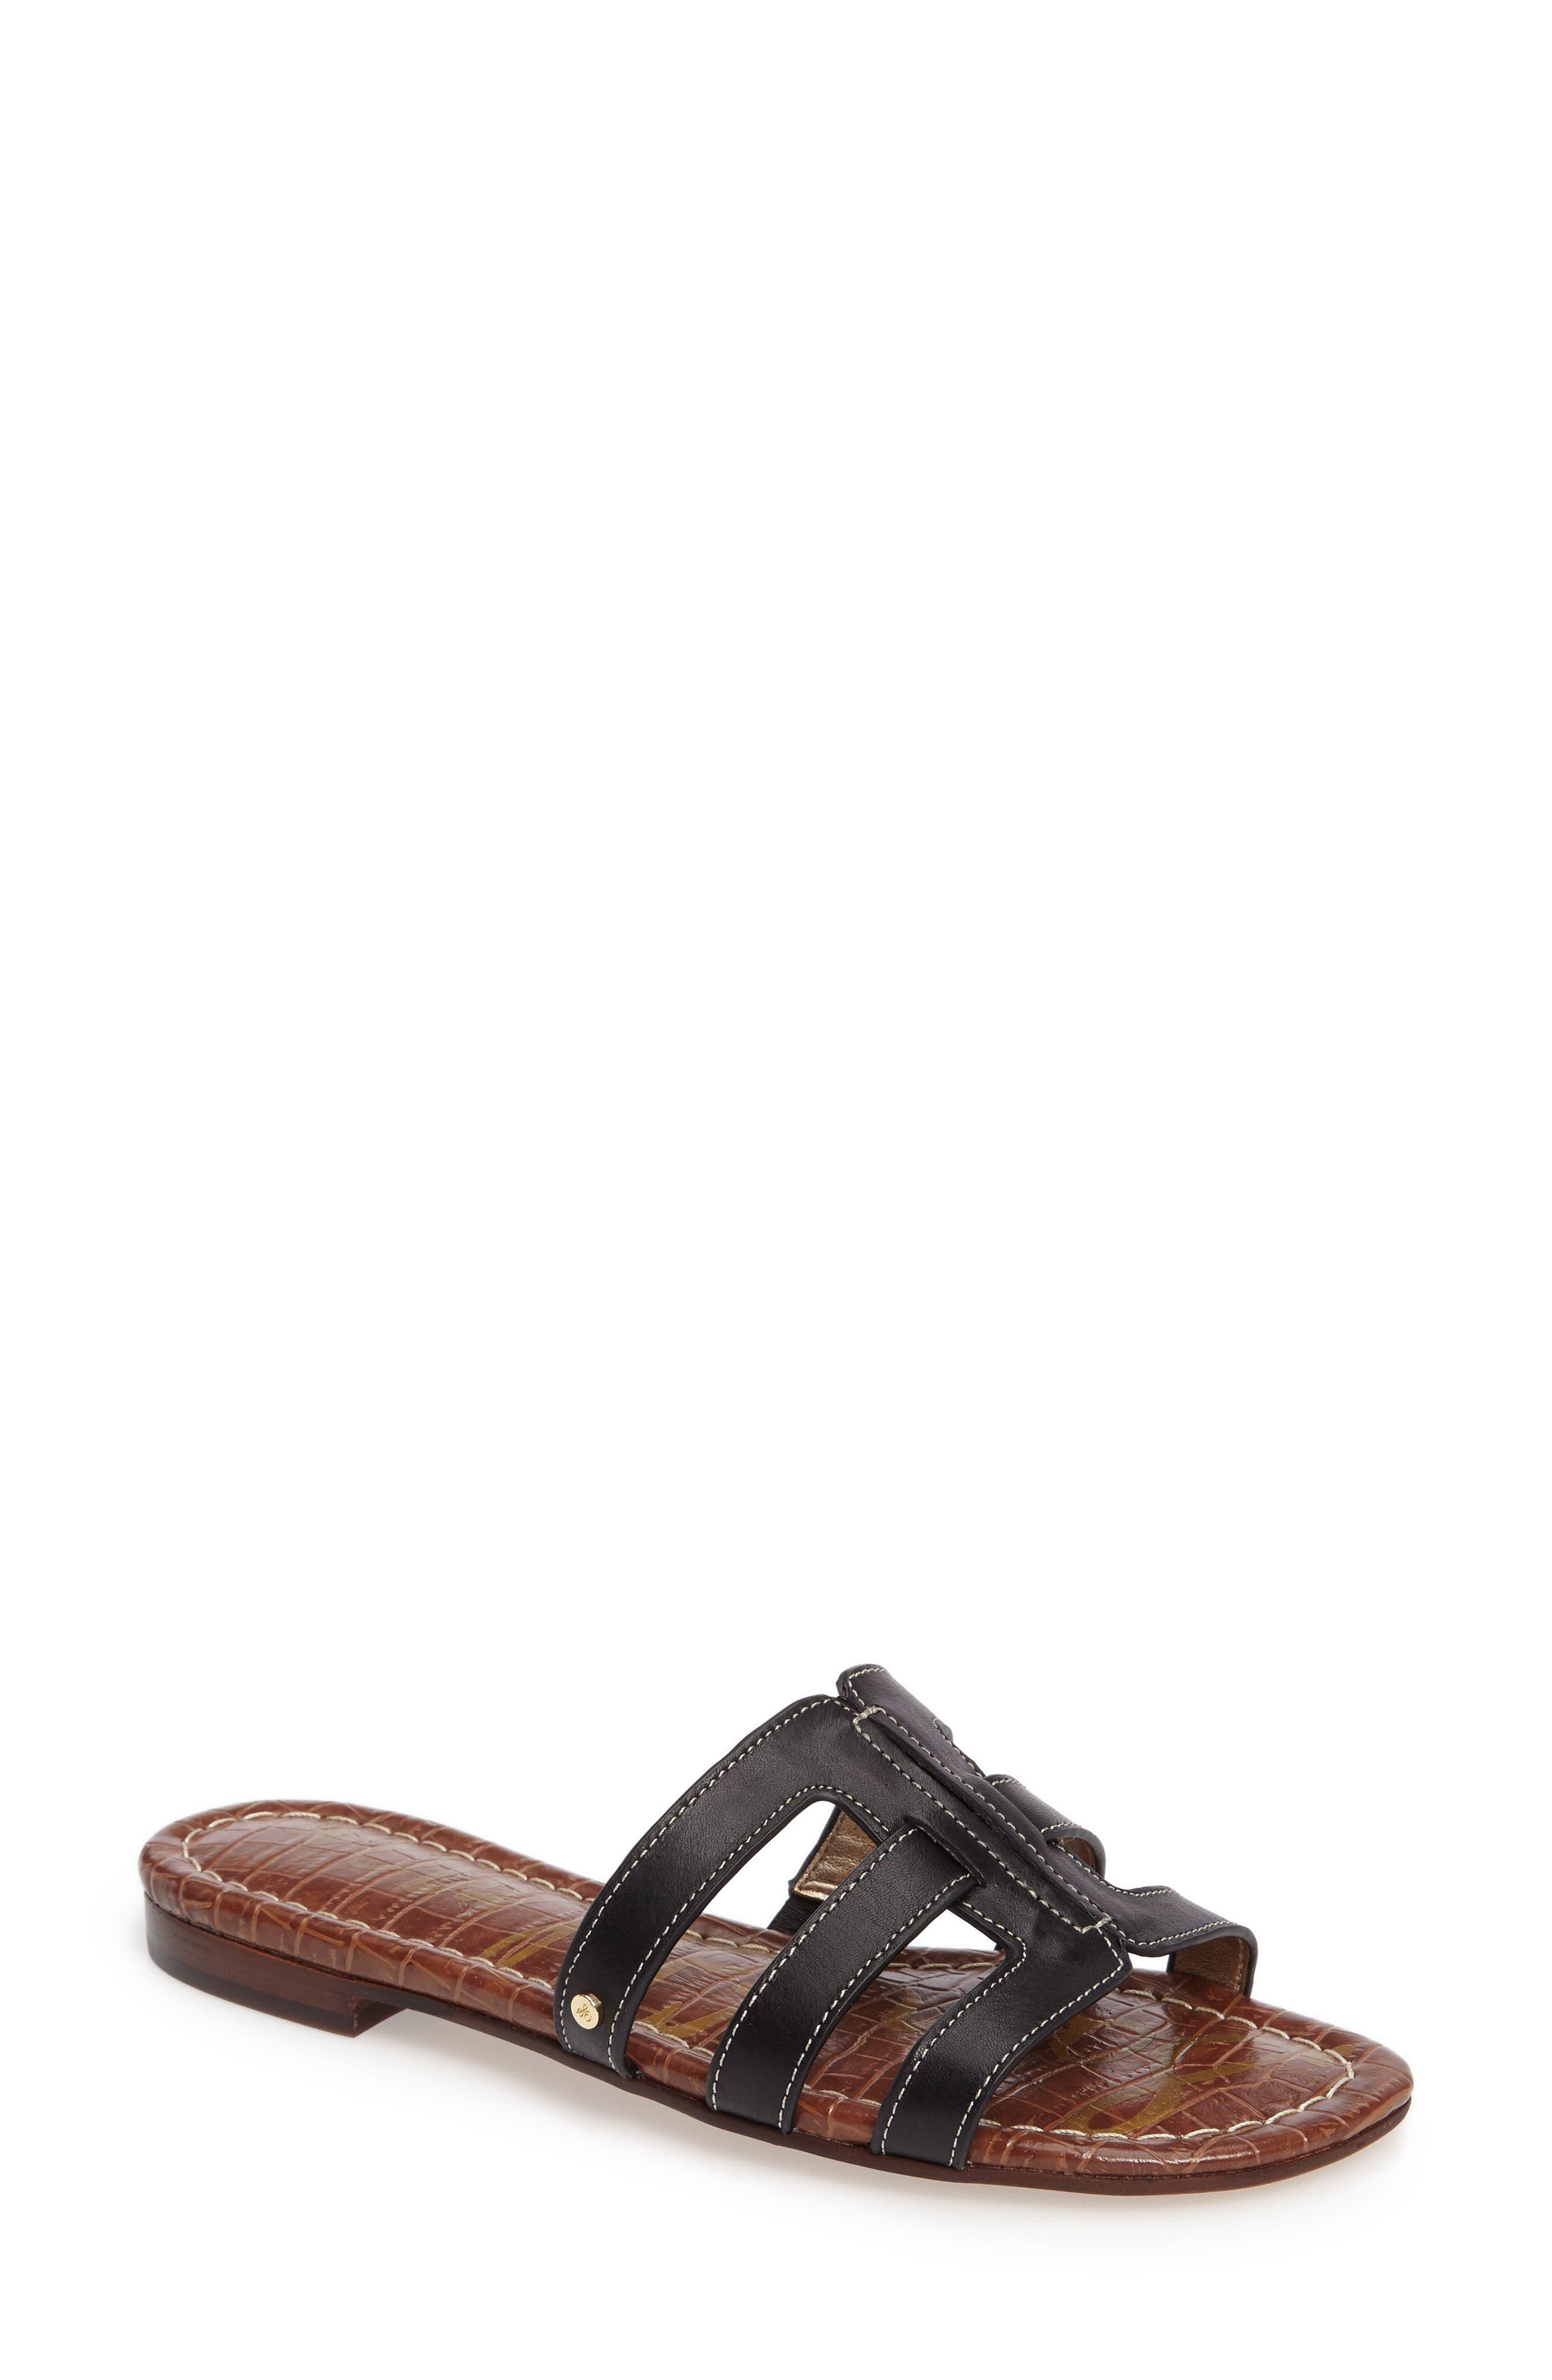 Berit Sandal,                         Main,                         color, 002